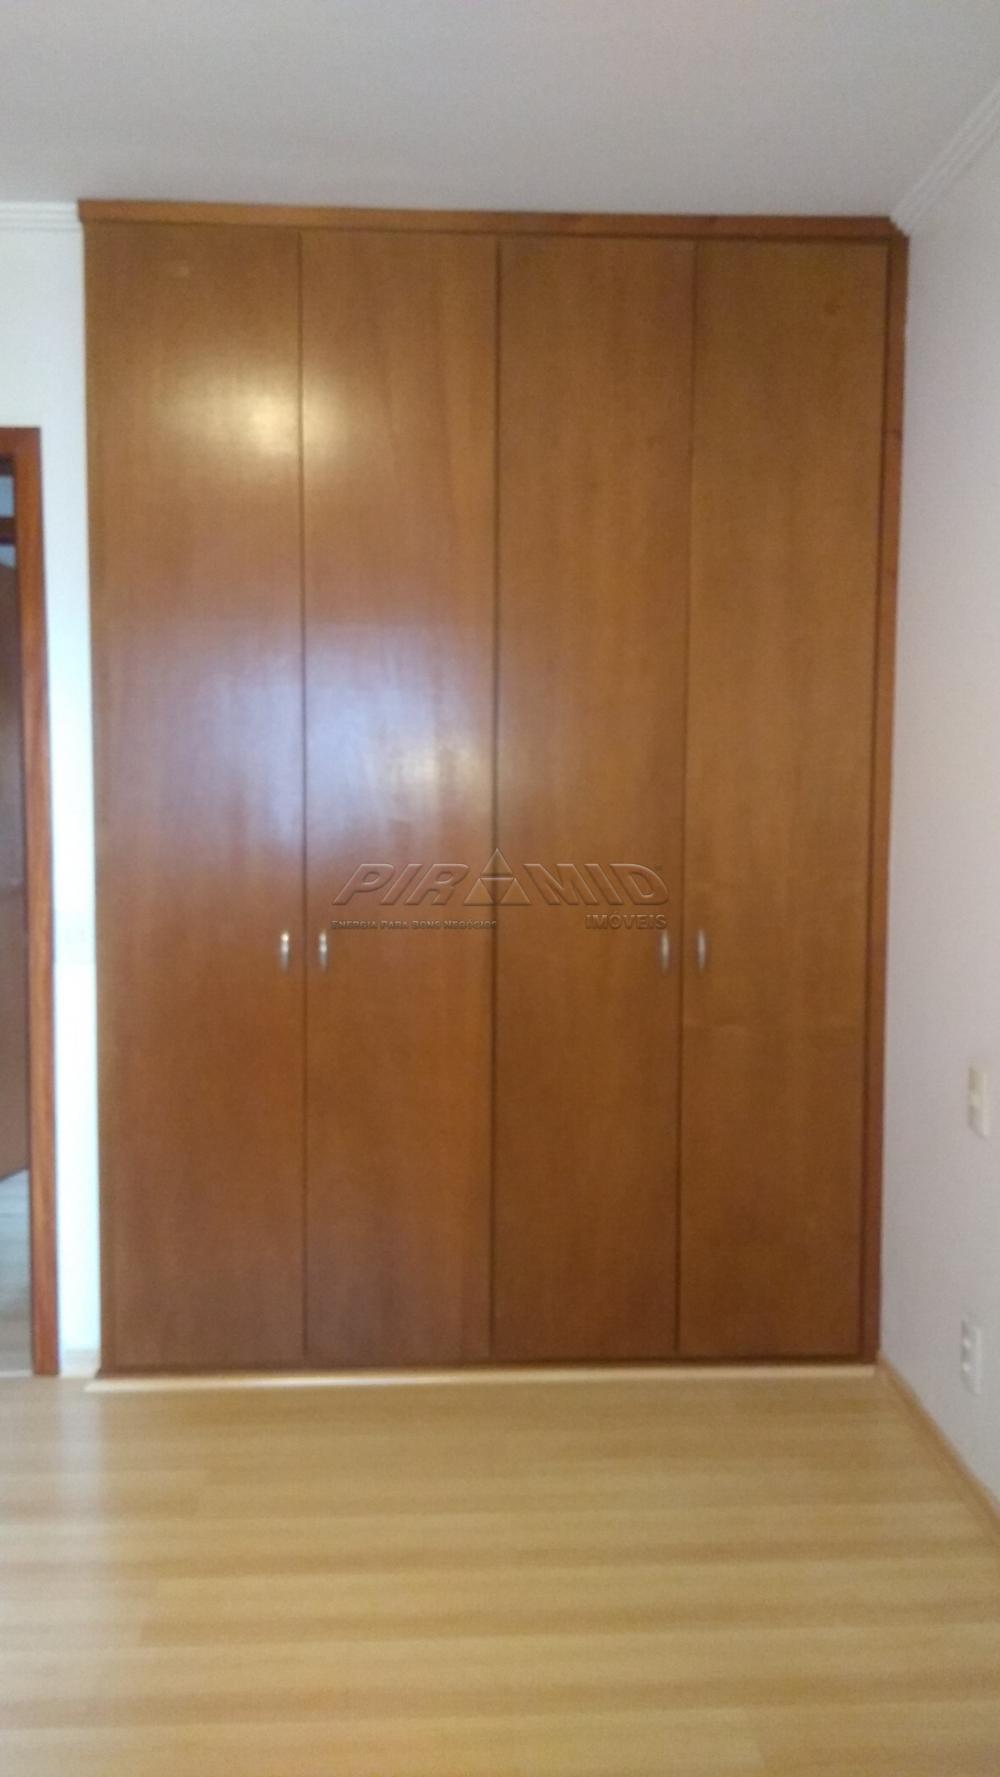 Alugar Apartamento / Padrão em Ribeirão Preto apenas R$ 2.400,00 - Foto 10